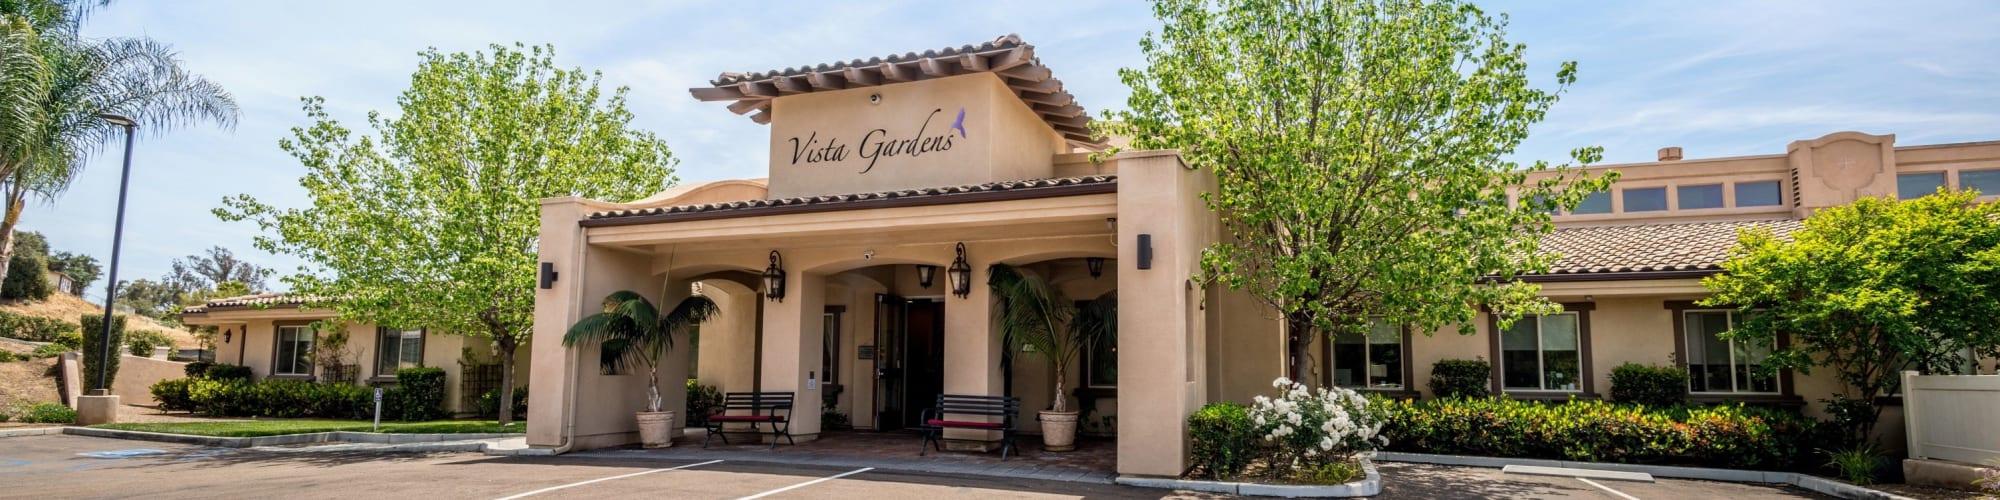 REVIEWS for Vista Gardens in Vista, California